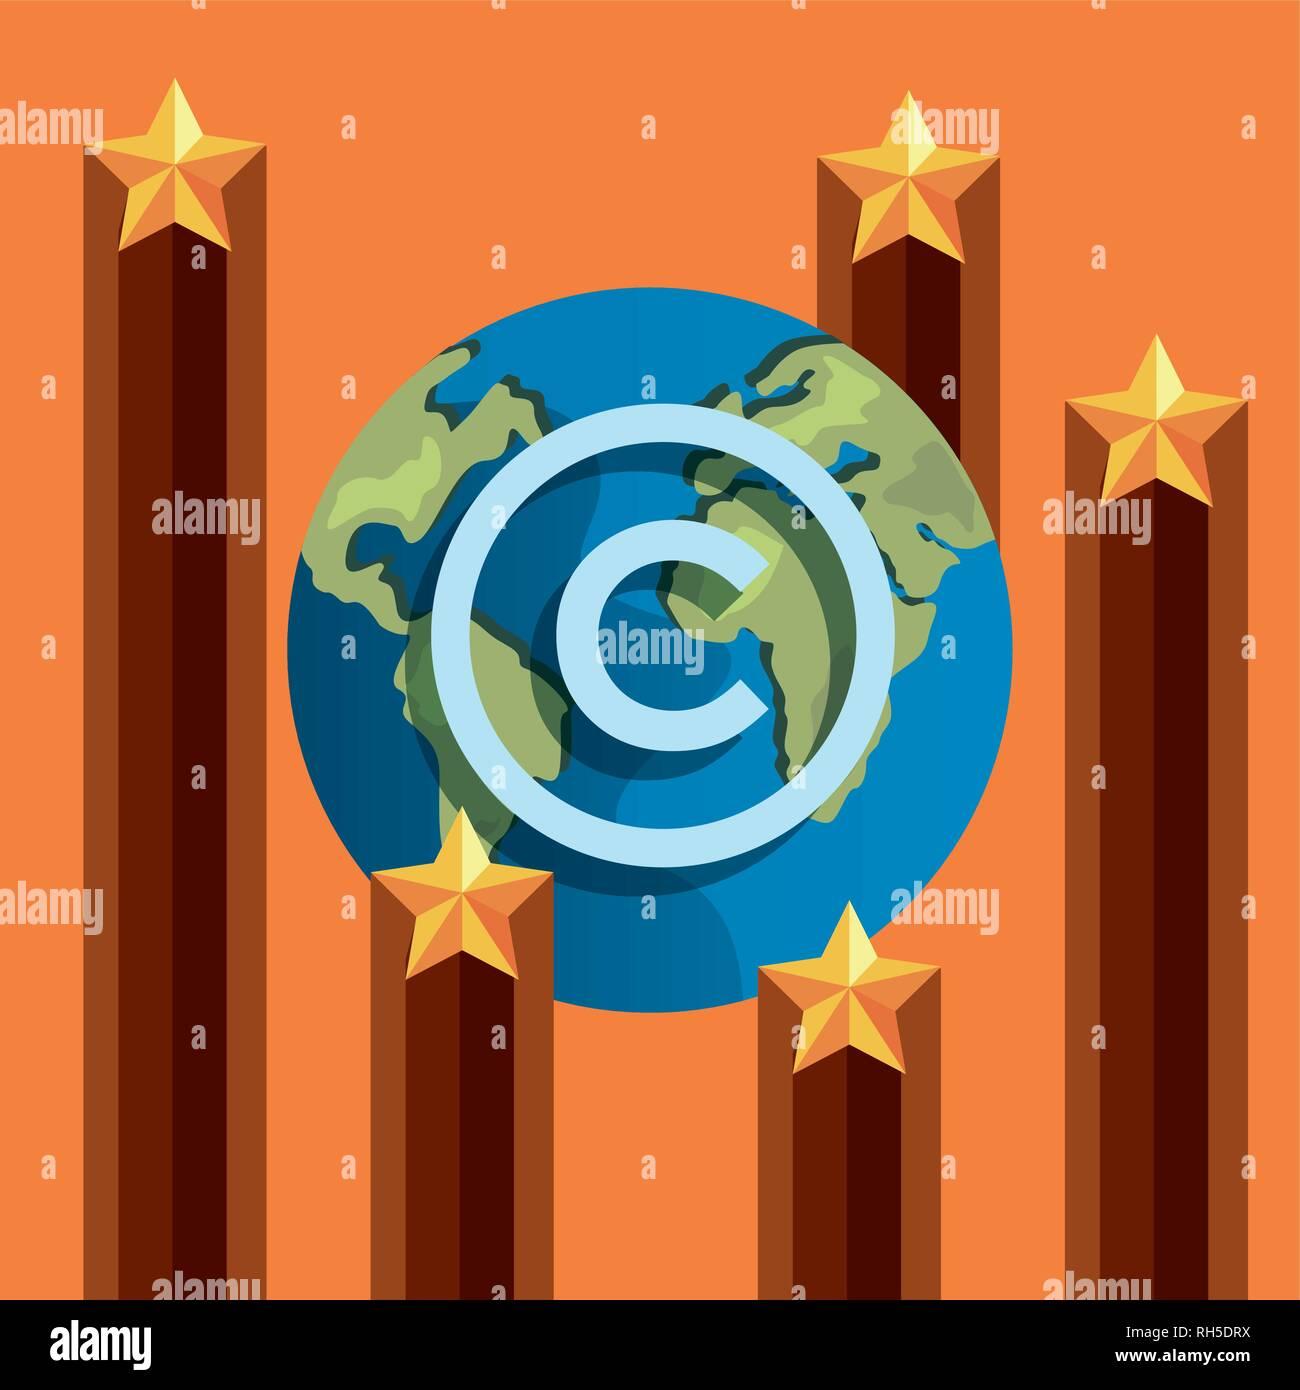 Signo de estrellas mundiales de protección de copyright intelectual ilustración vectorial Ilustración del Vector